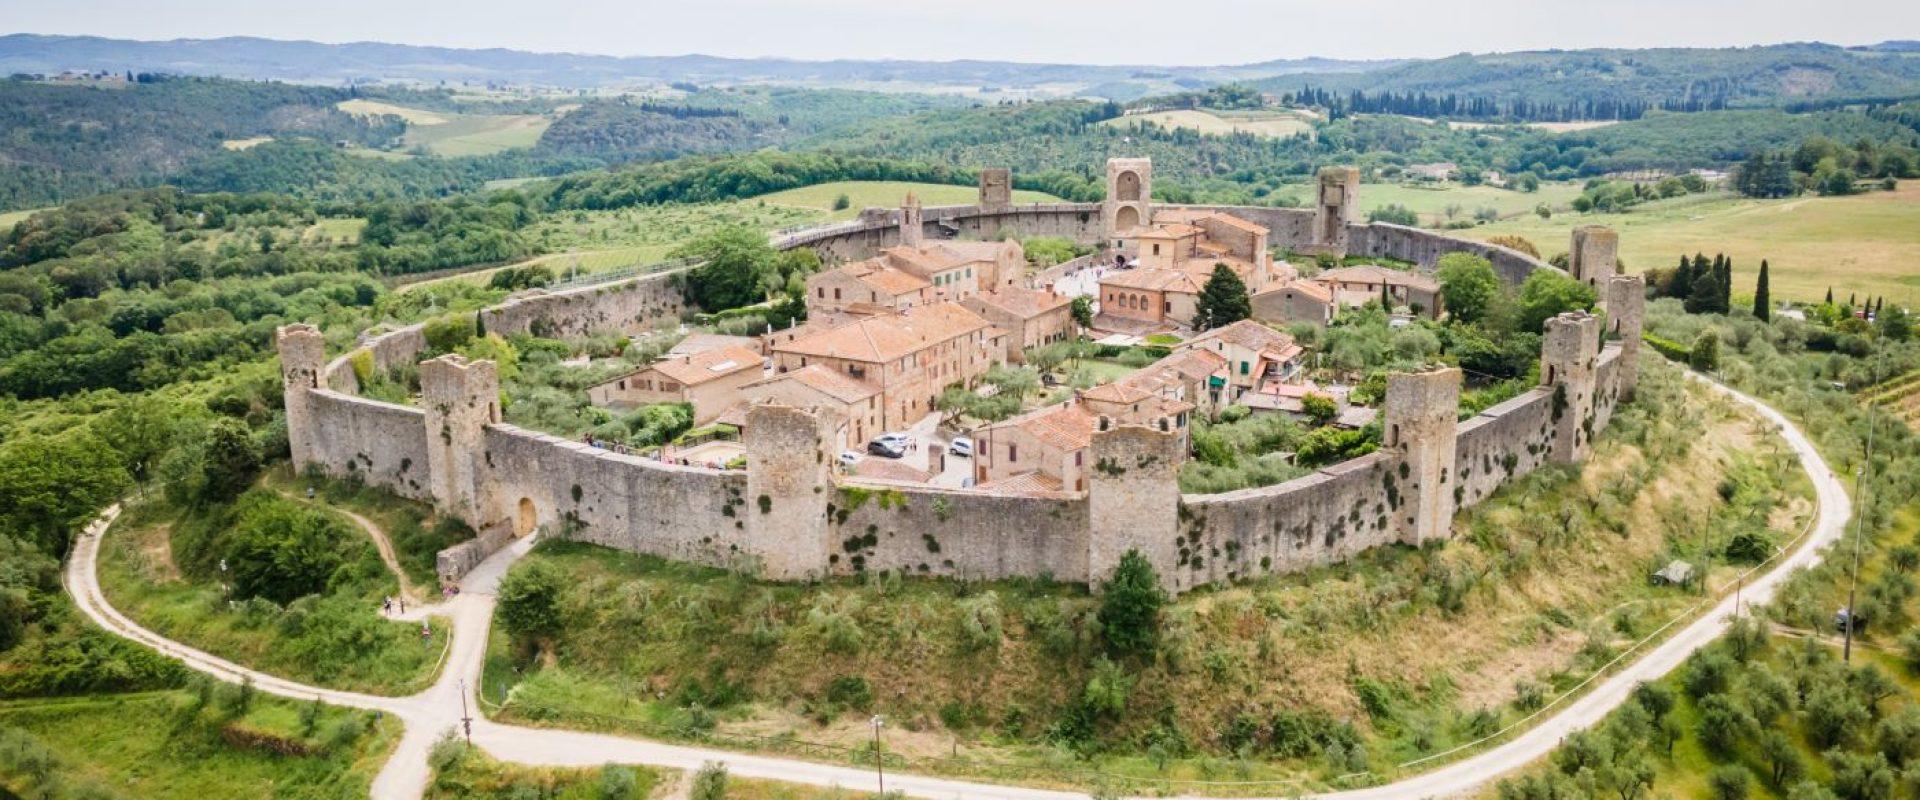 tuscany_2021_en09